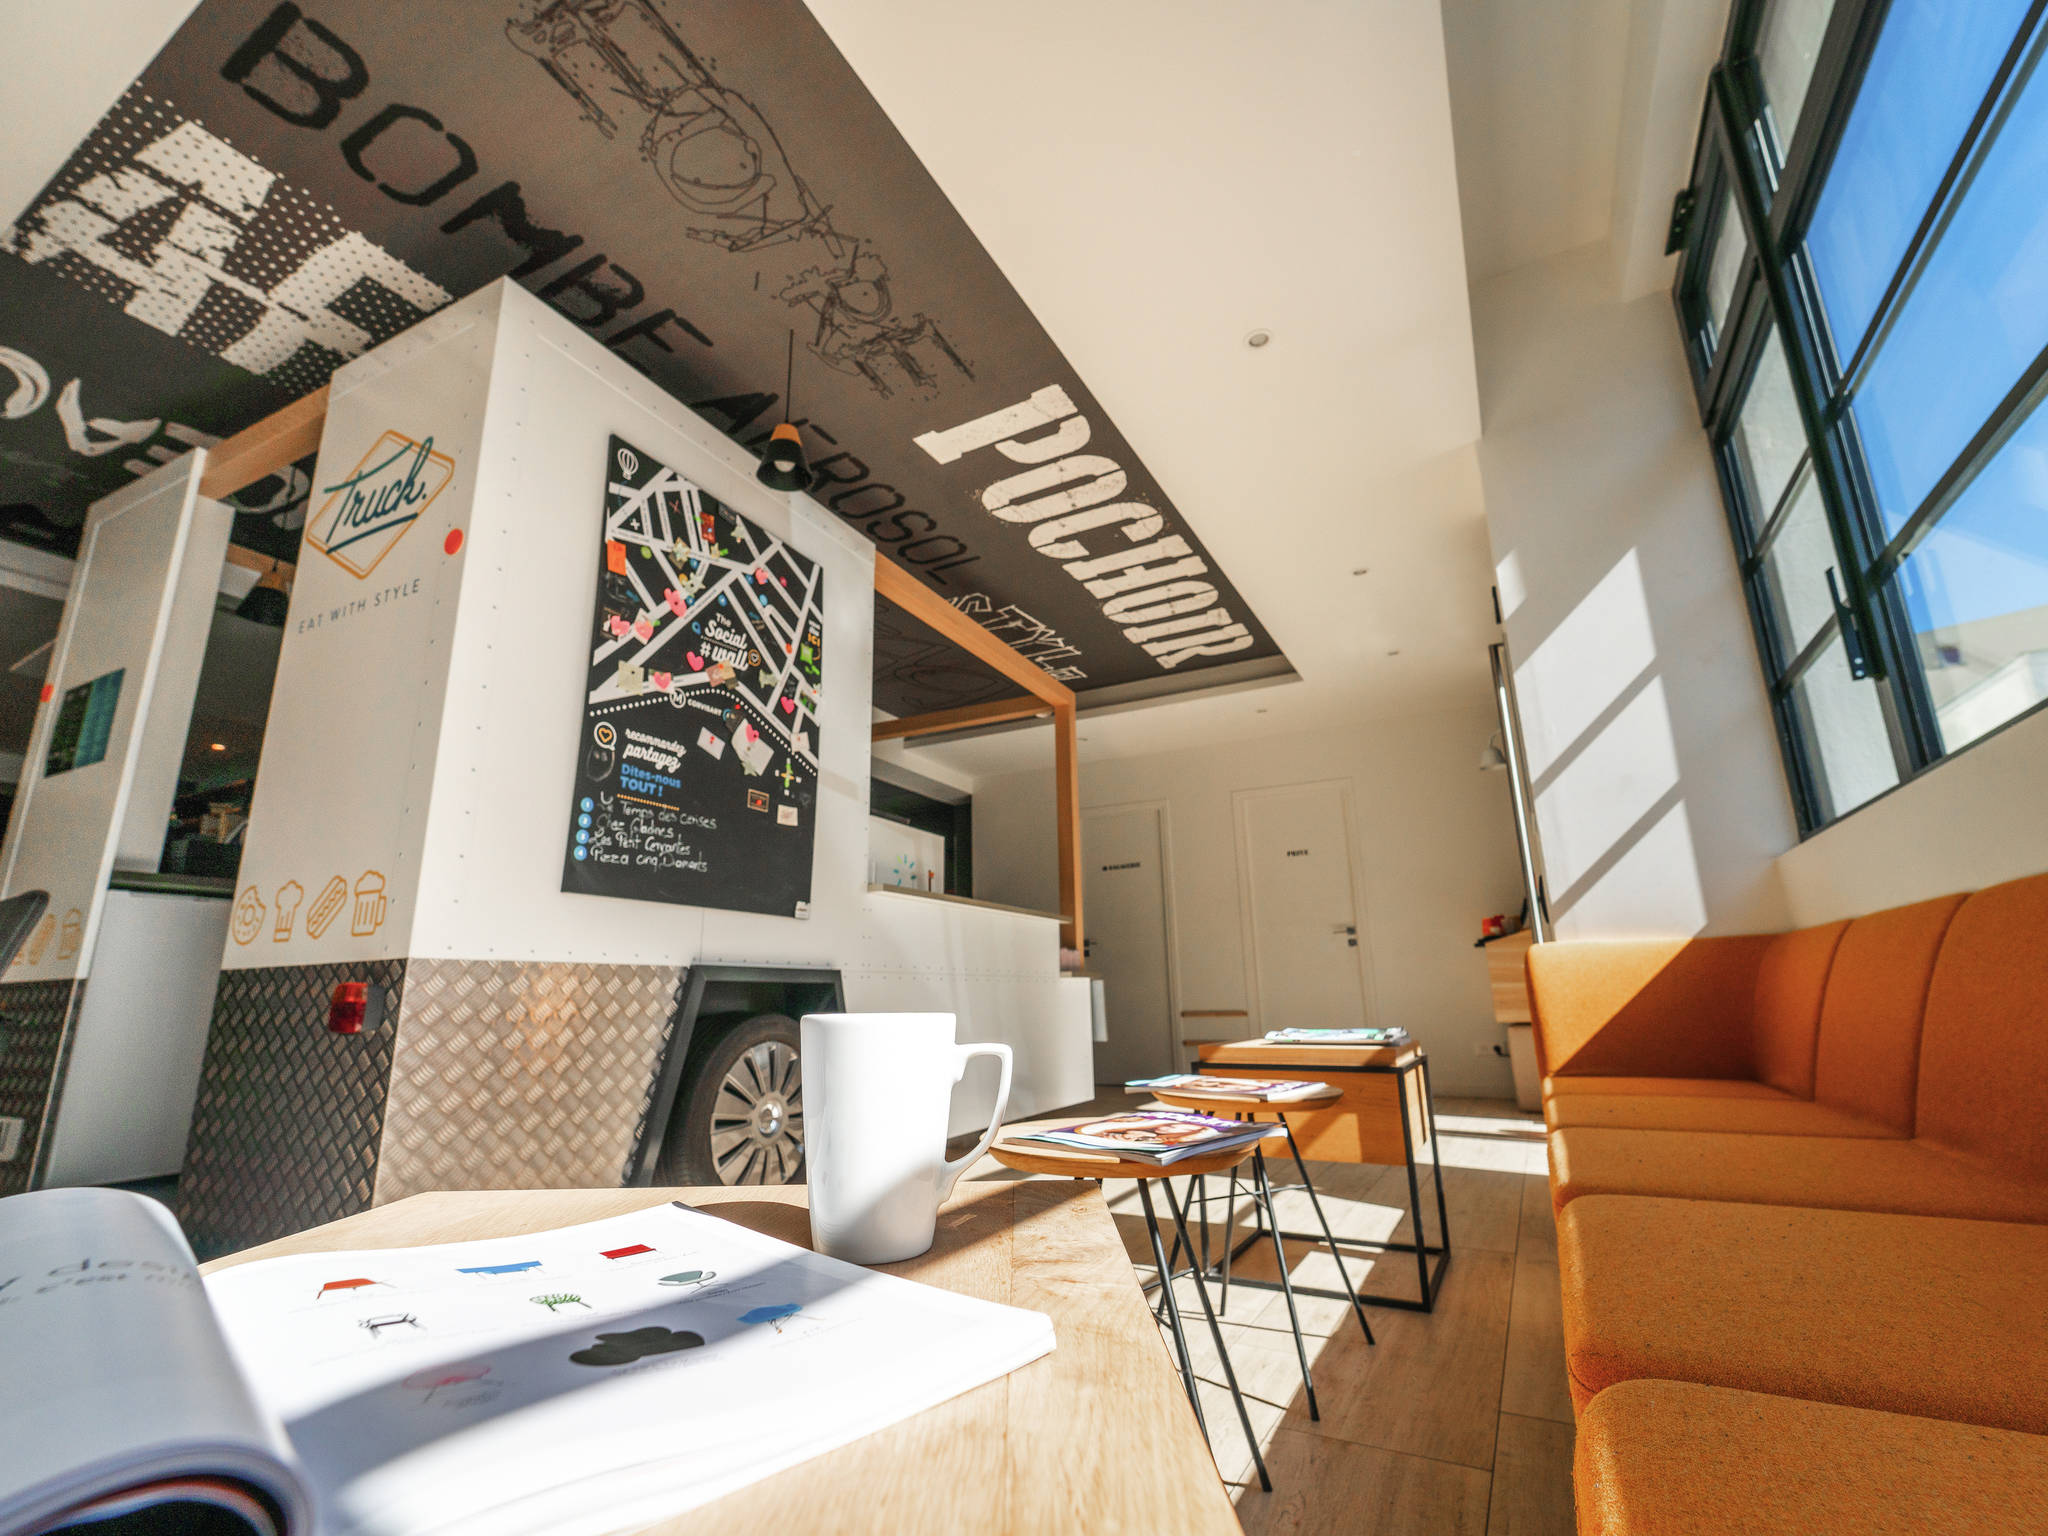 โรงแรม – ไอบิส สไตล์ ปารีส ปลาส ดิตาลี บูโตกายล์